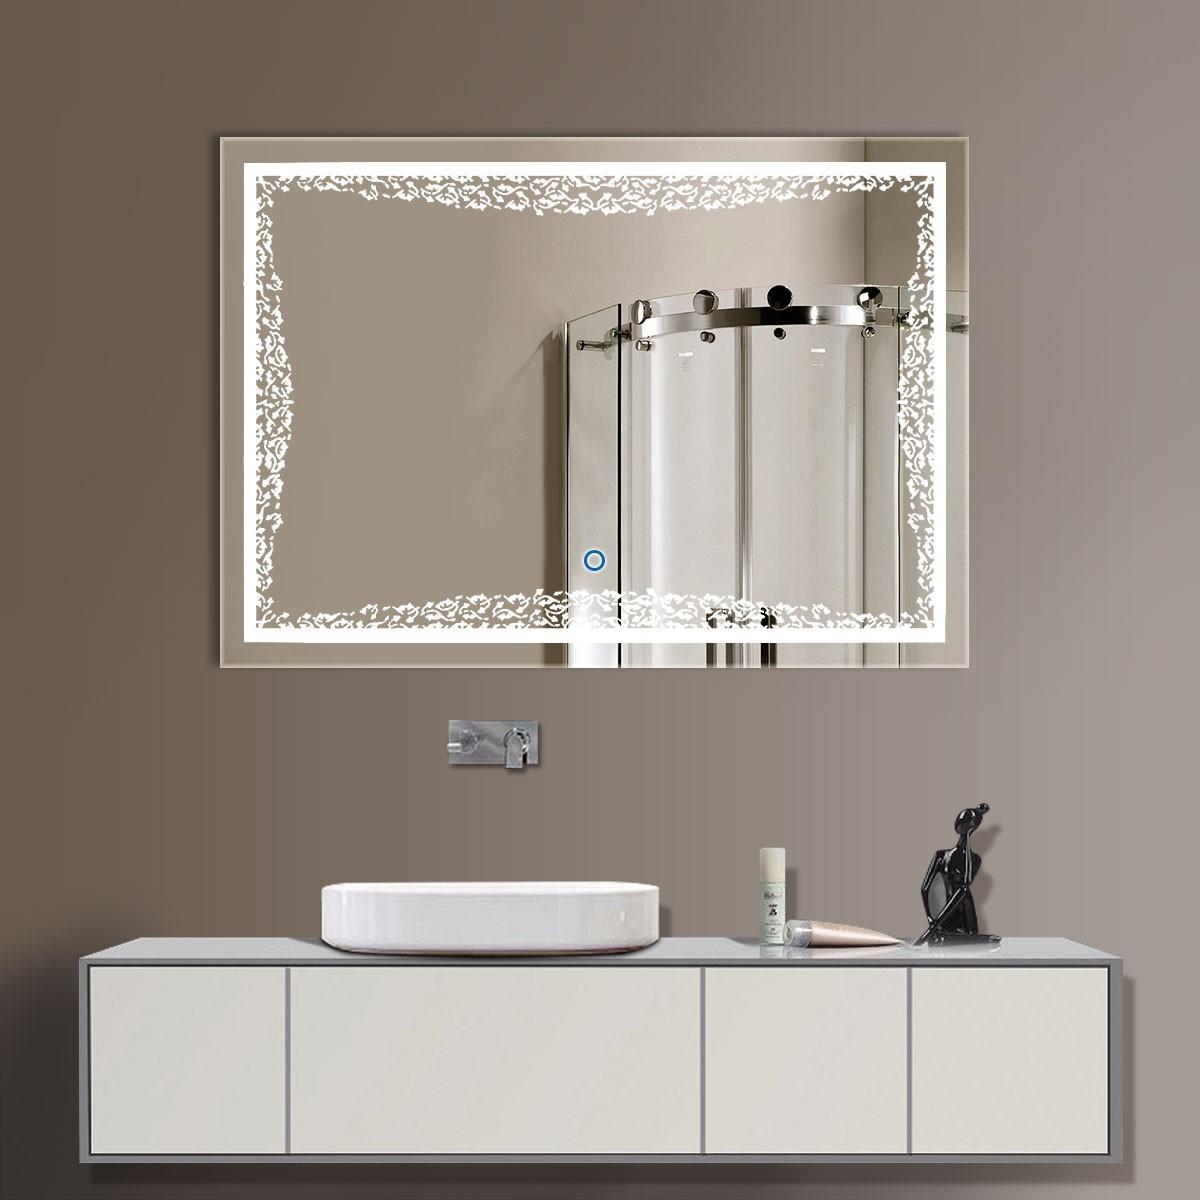 24 x 32 po miroir led horizontal argent de salle de bains avec l interrupteur tactile dk od - Interrupteur miroir salle de bain ...